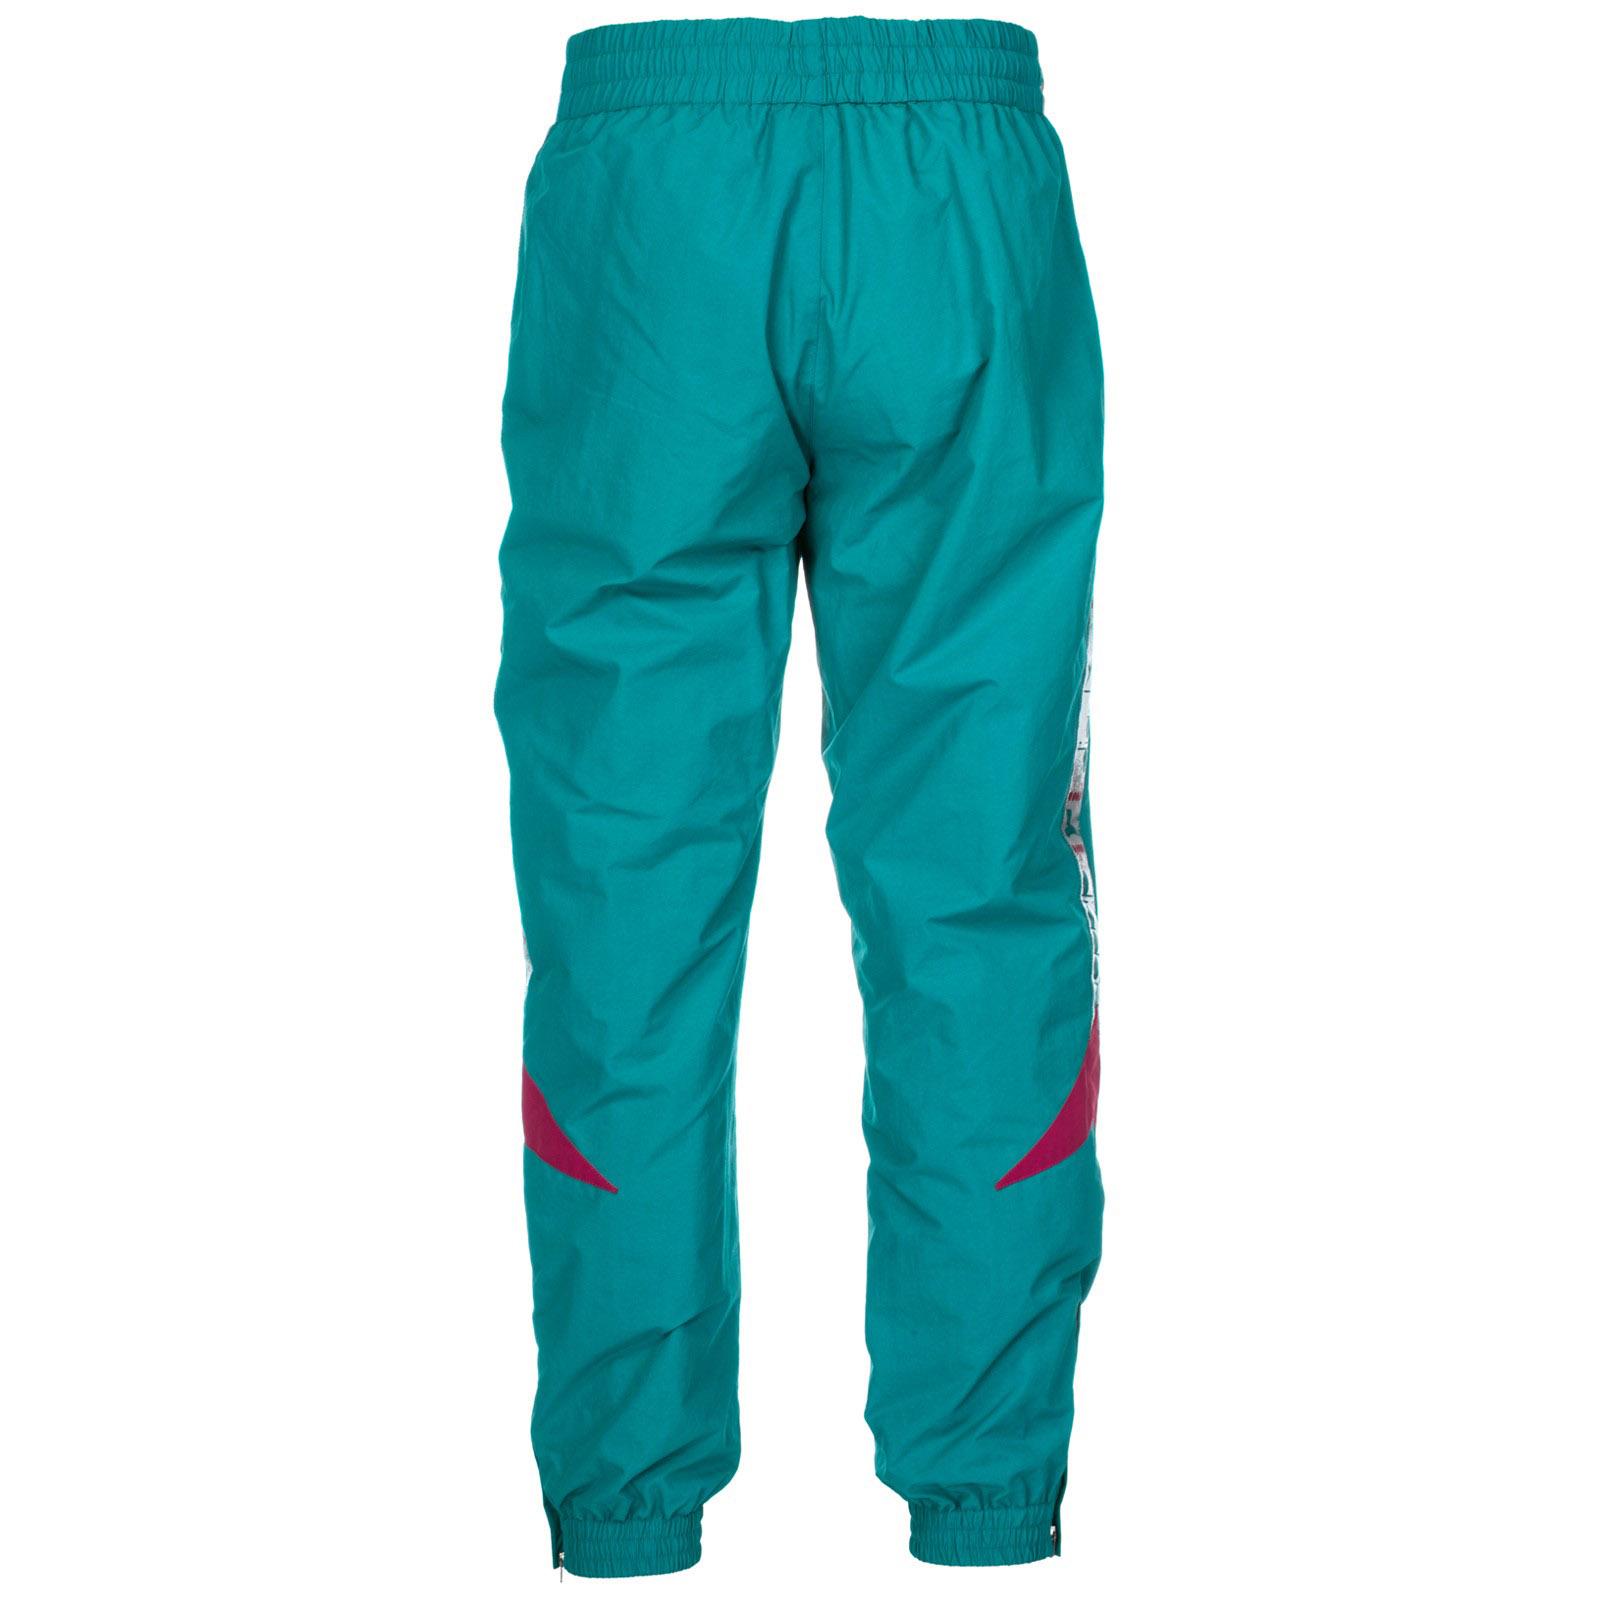 1f39ddbf95bb3 Pantaloni tuta uomo Pantaloni tuta uomo Pantaloni tuta uomo